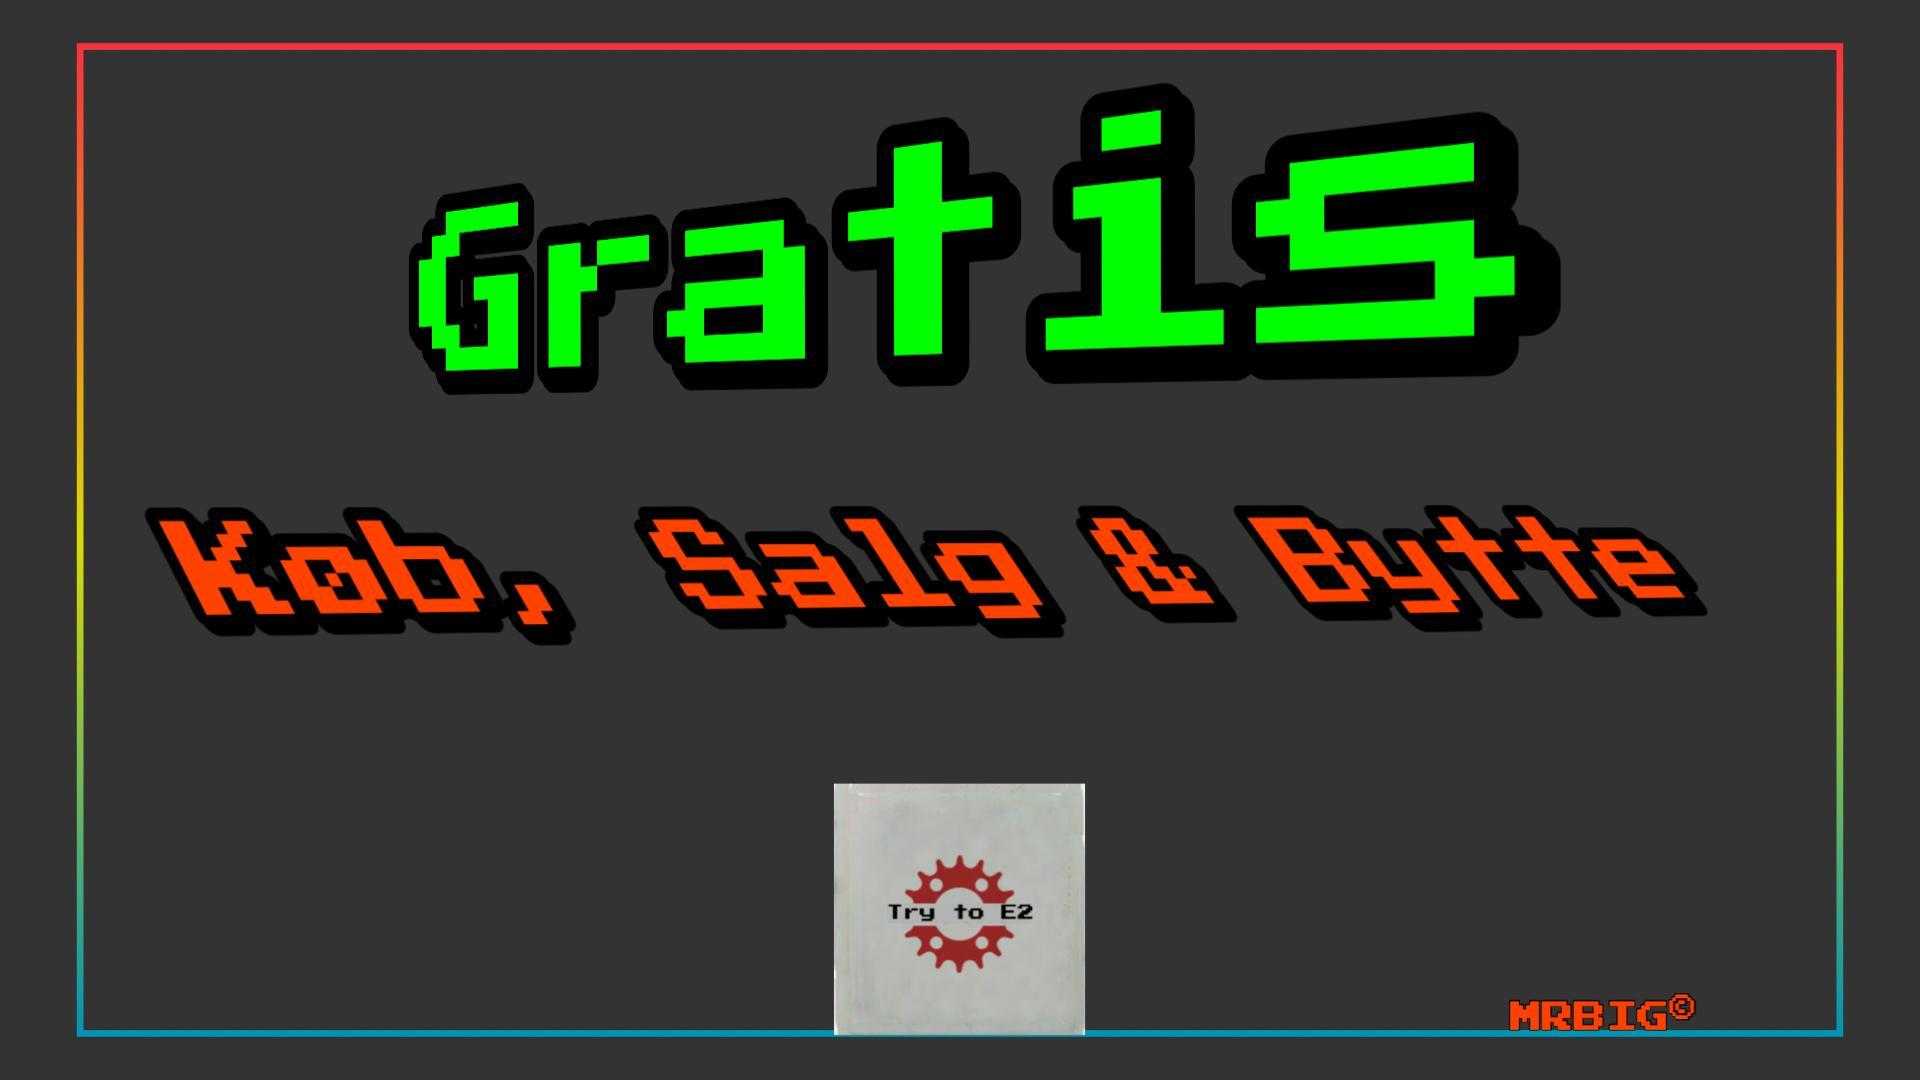 Køb, Salg & Gratis